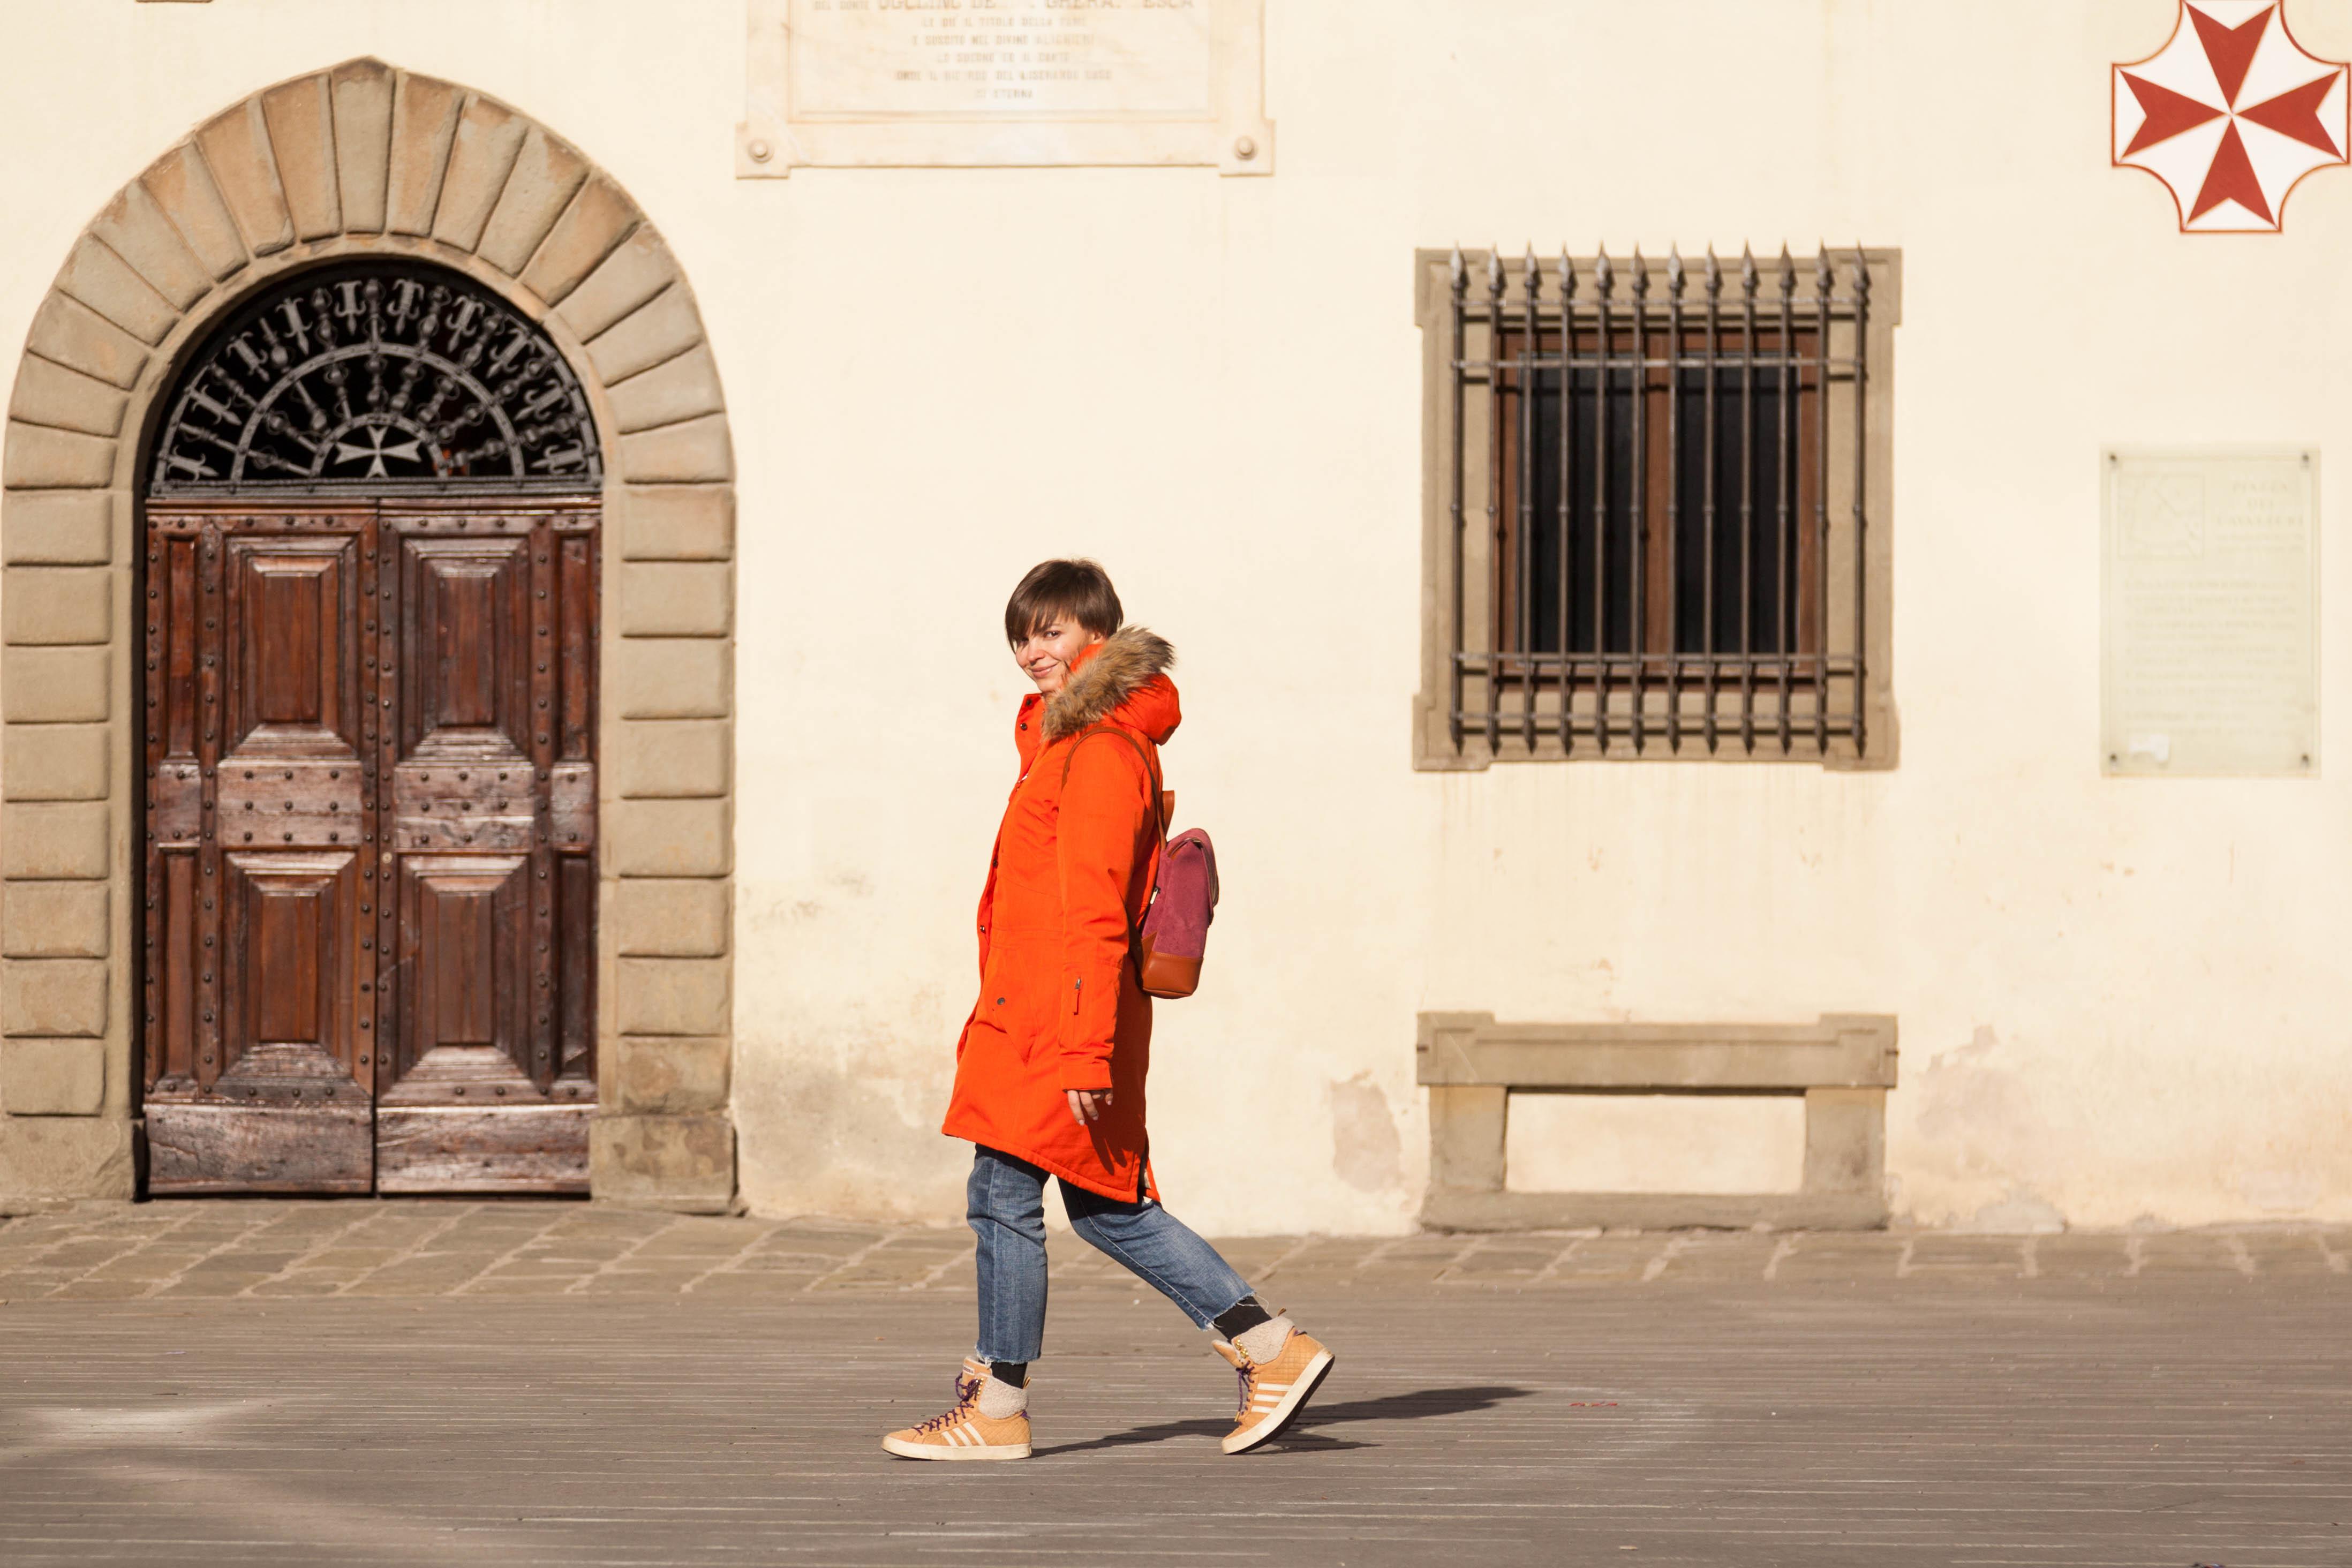 Гуляем с рюкзаком по старым улочкам . Все свое ношу с собой!